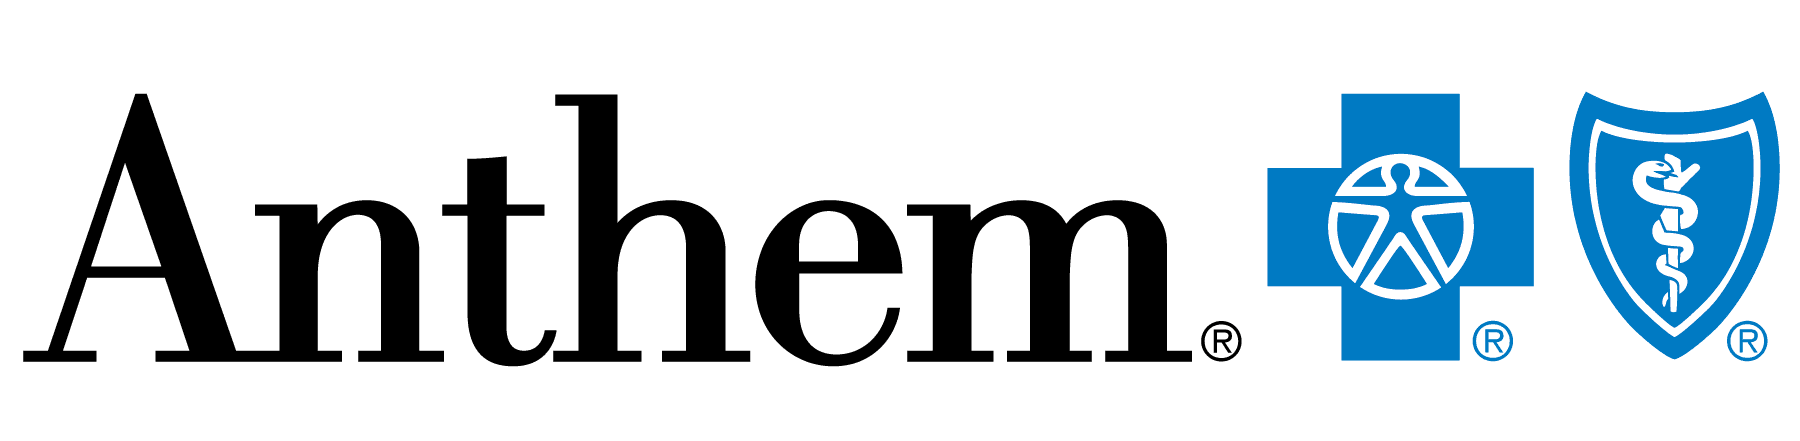 Anthem-Logo.png